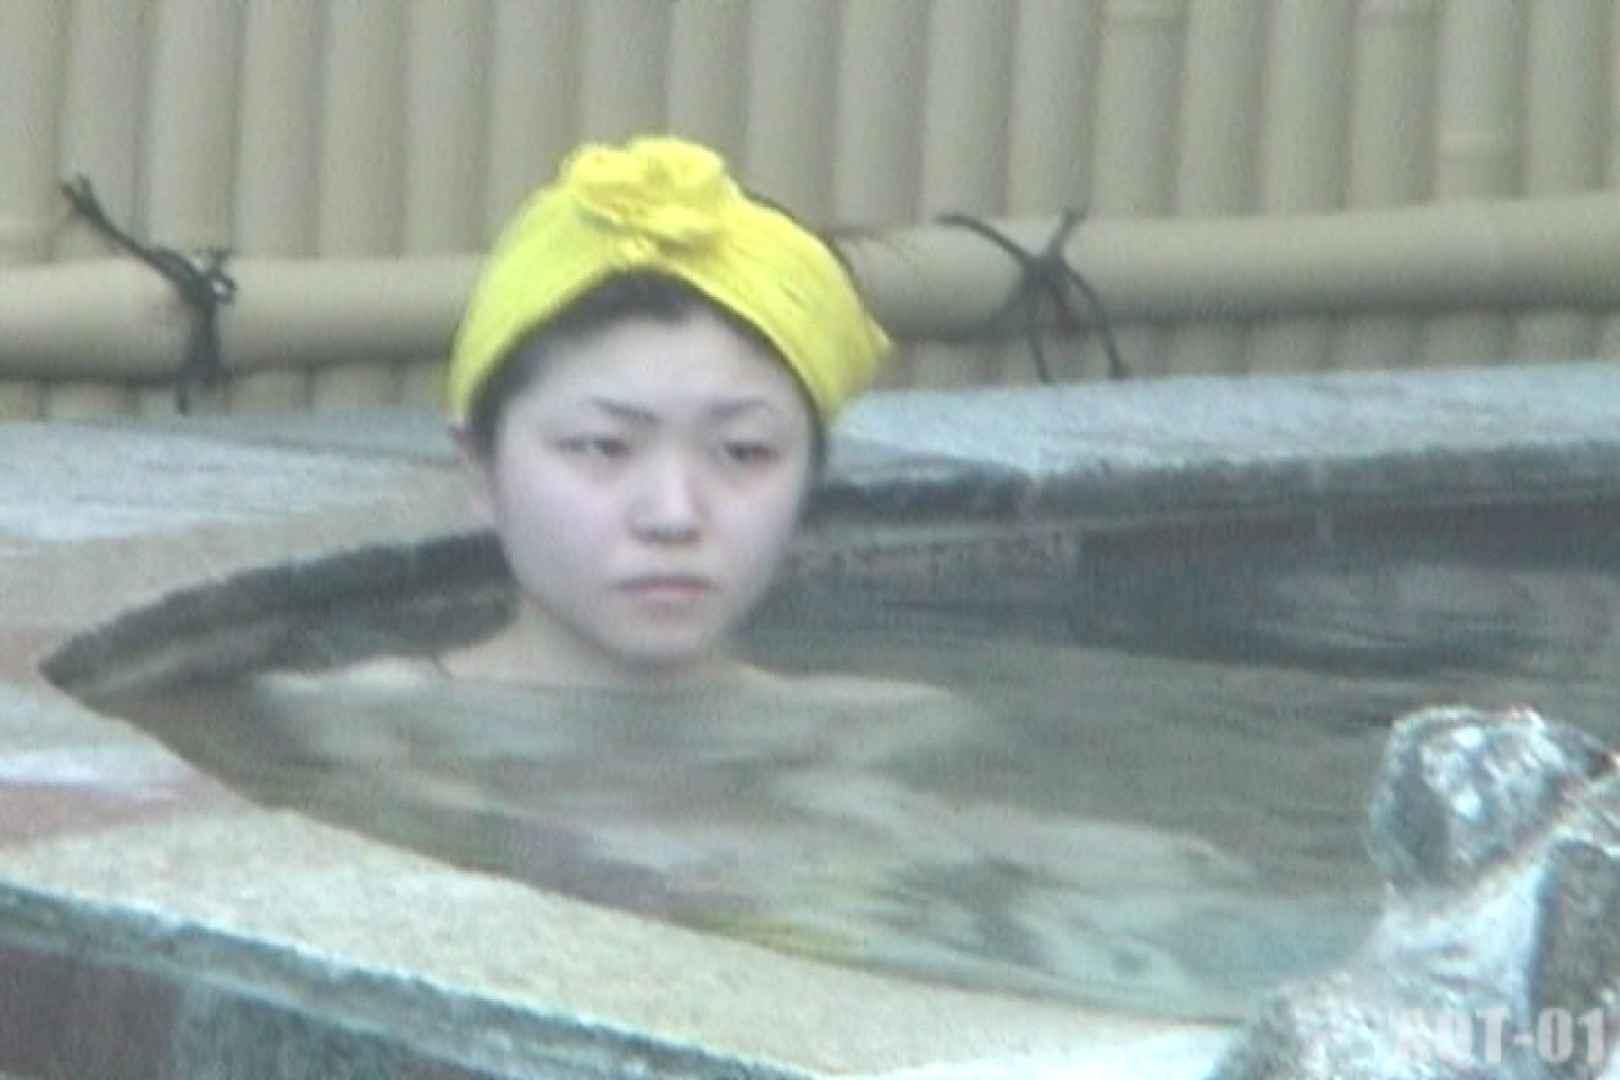 Aquaな露天風呂Vol.720 盗撮  103画像 6